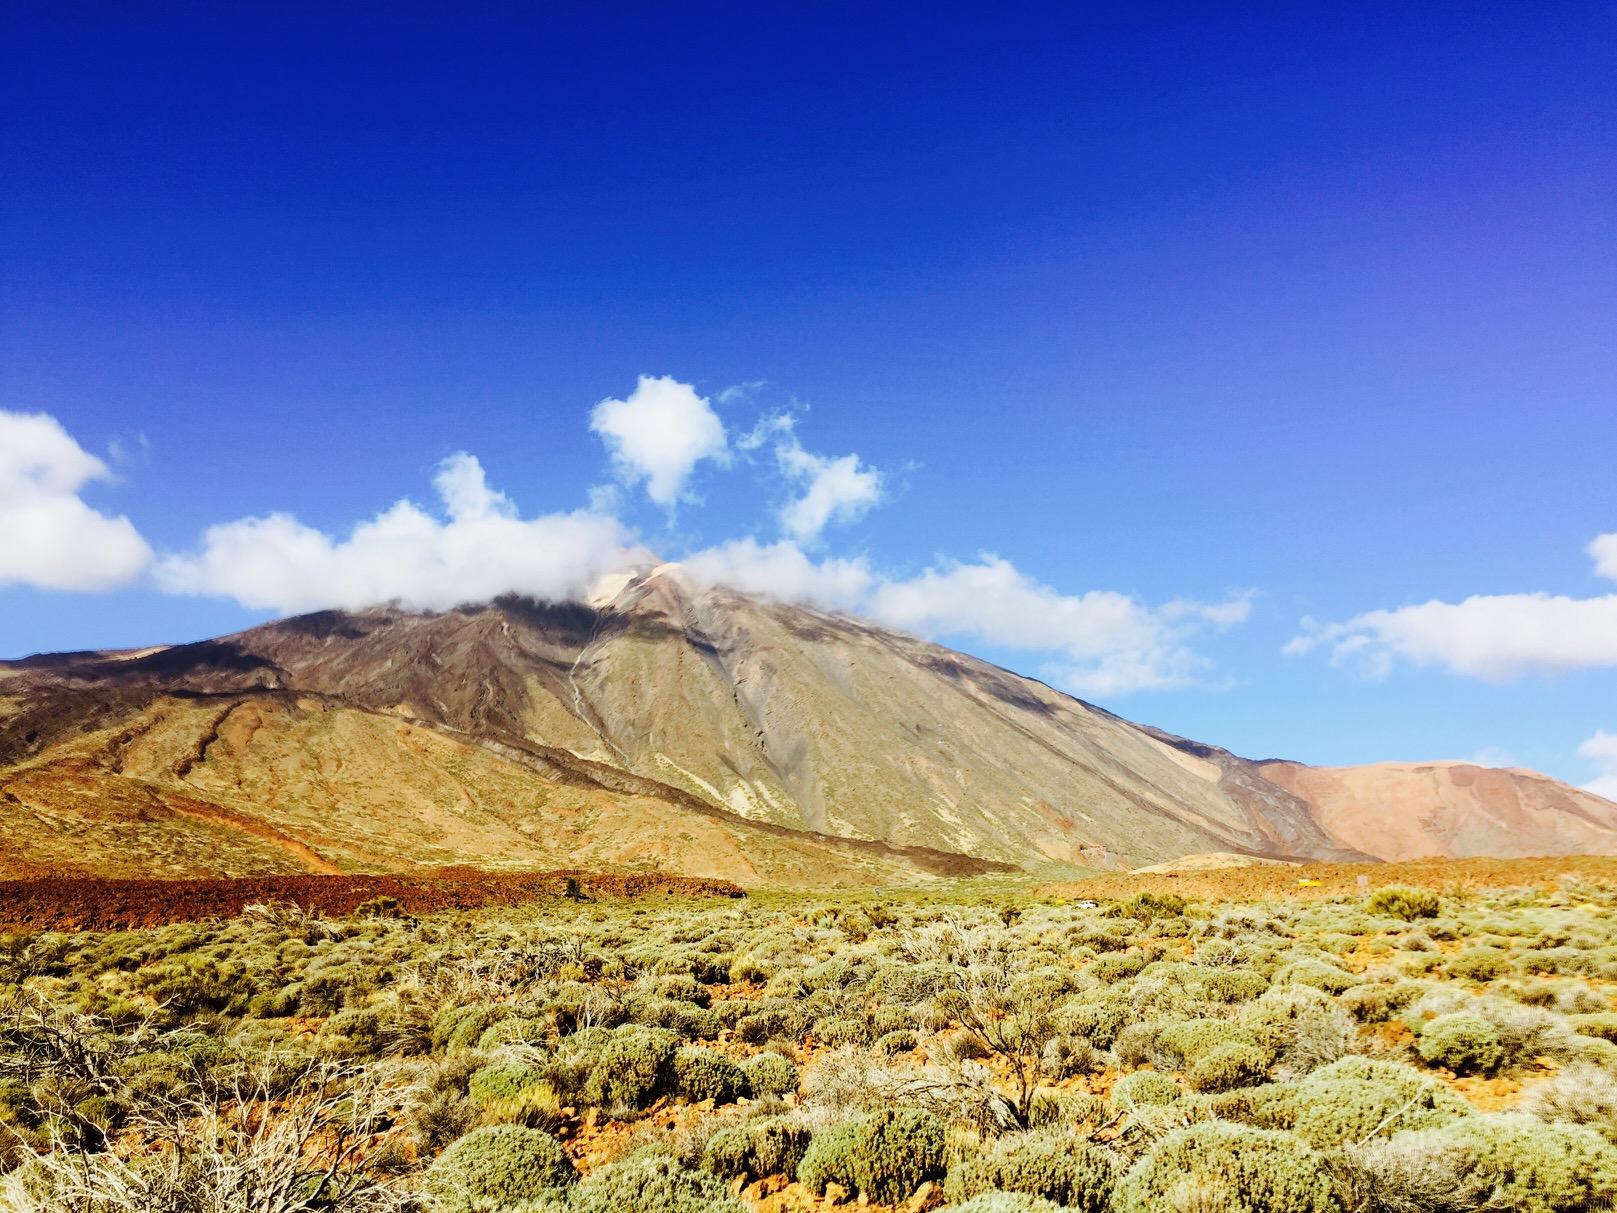 Karge Landschaft im El Teide Nationalpark auf Teneriffa